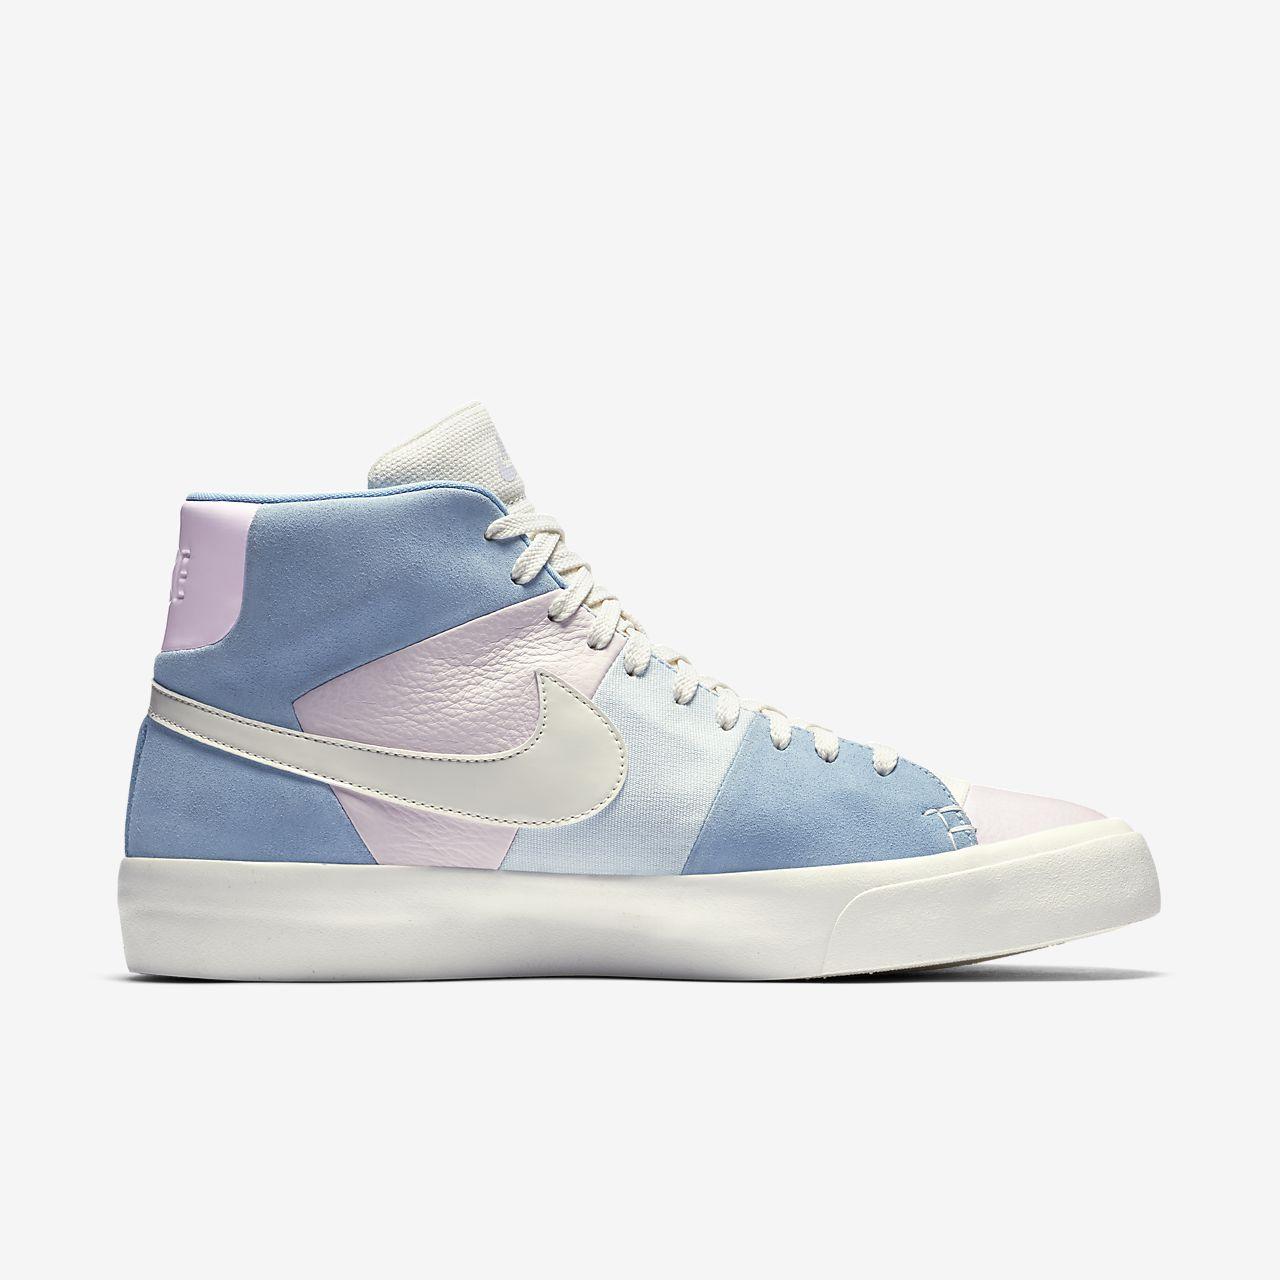 quality design 39d57 111d5 ... Nike Blazer Royal Easter QS-sko til mænd